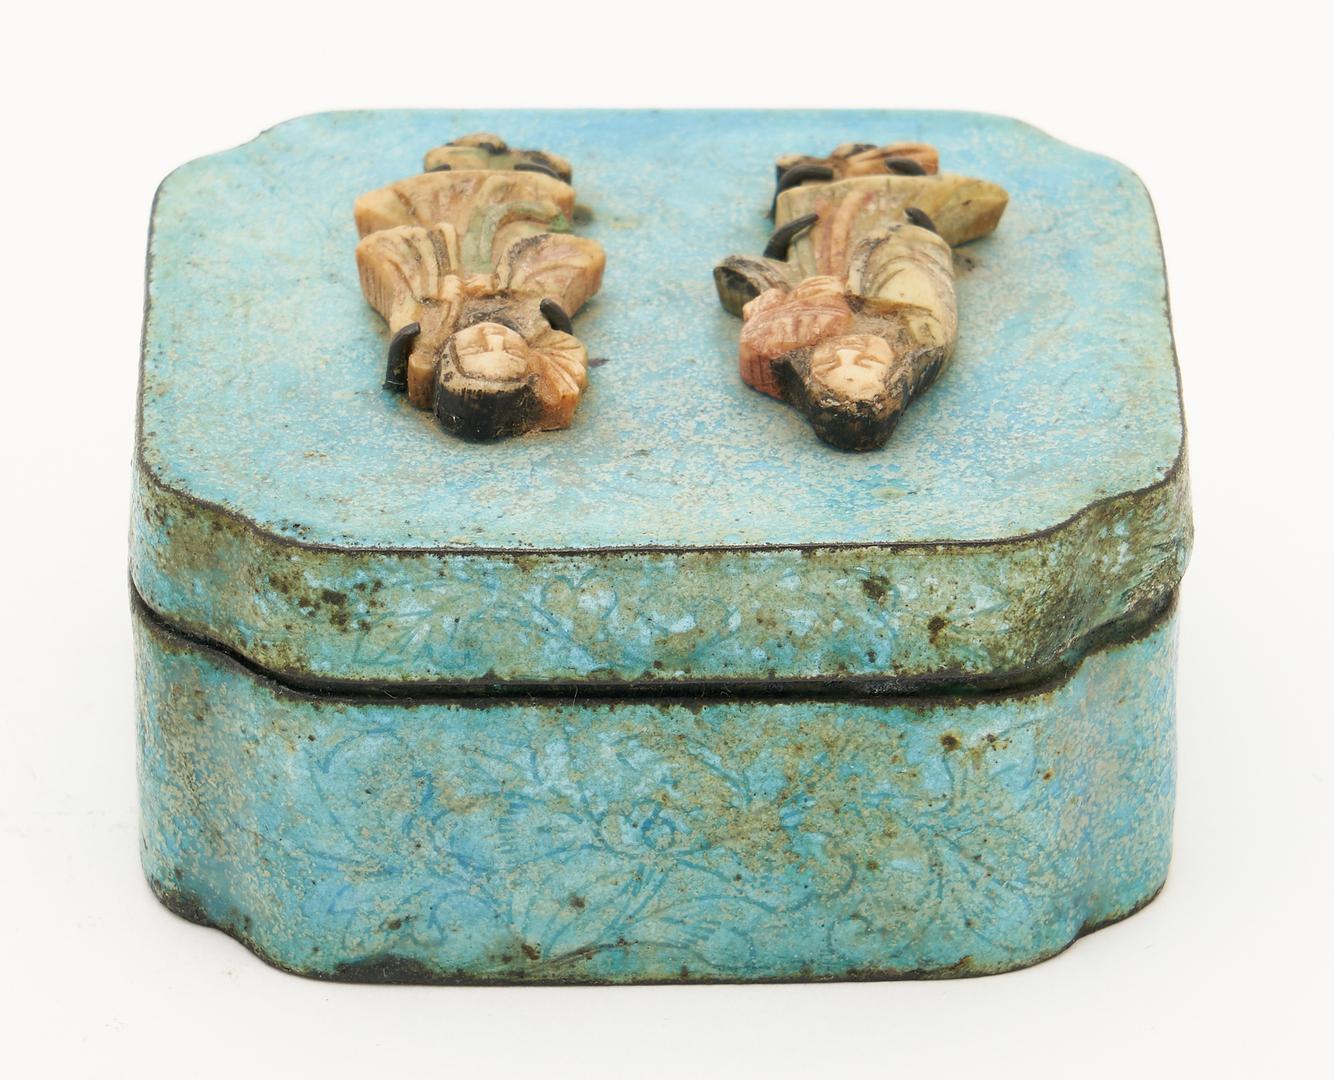 Lot 414: 3 Chinese Decorative Items, Bronze Buddha, Fu Dog Seal, & Enameled Box